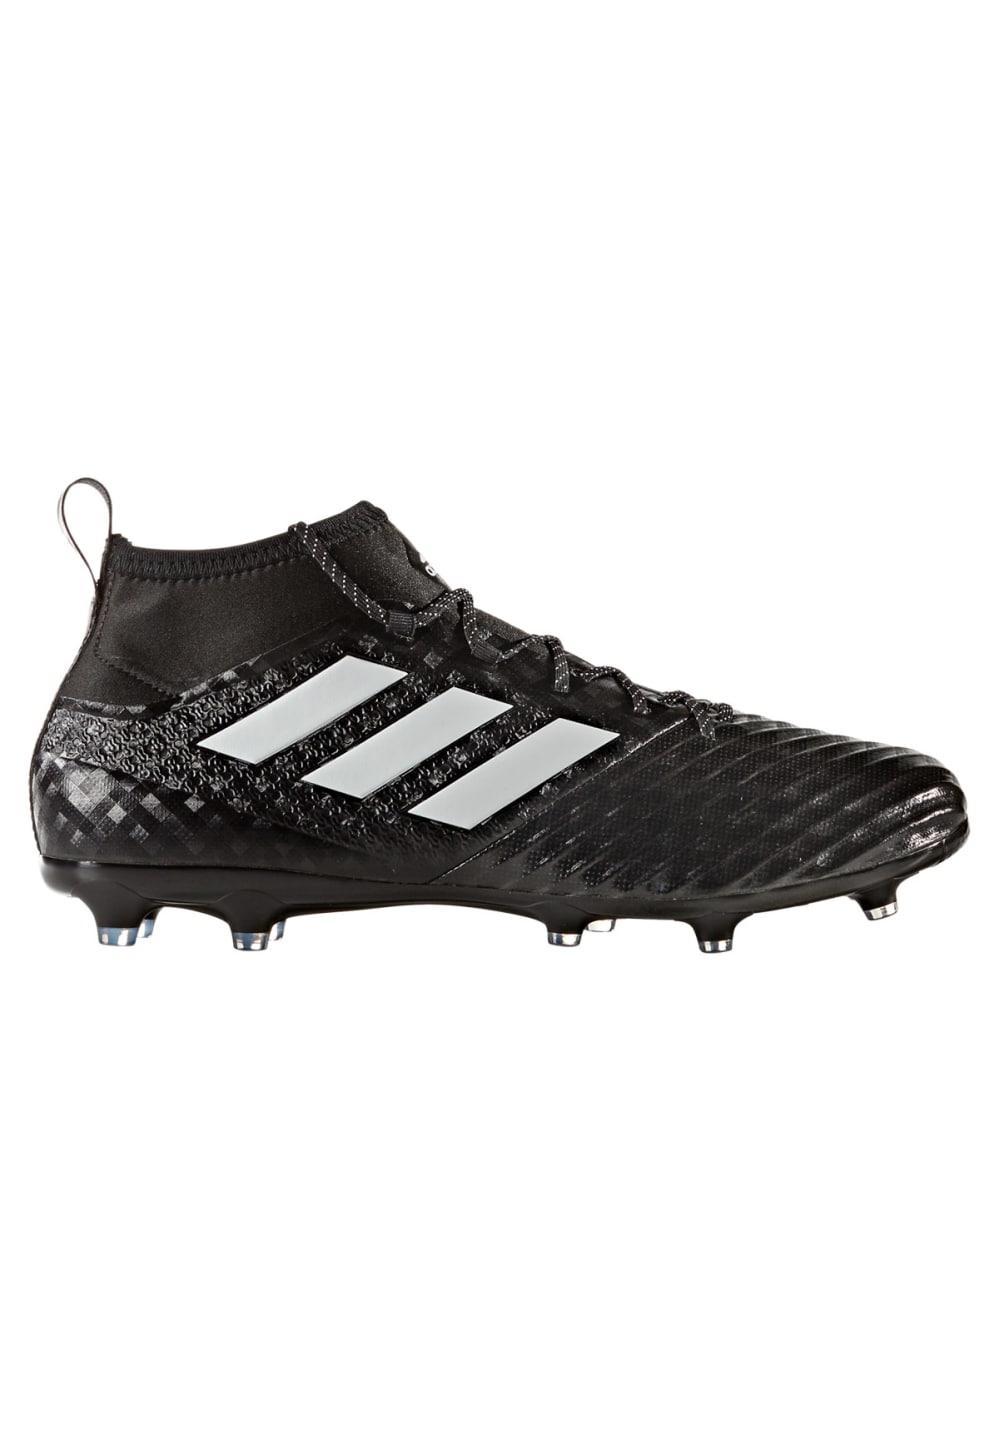 ... adidas ACE 17.2 Primemesh FG - Botas de futbol para Hombre - Negro.  Volver. 1  2  3. Previous 5d7e37ccbb445